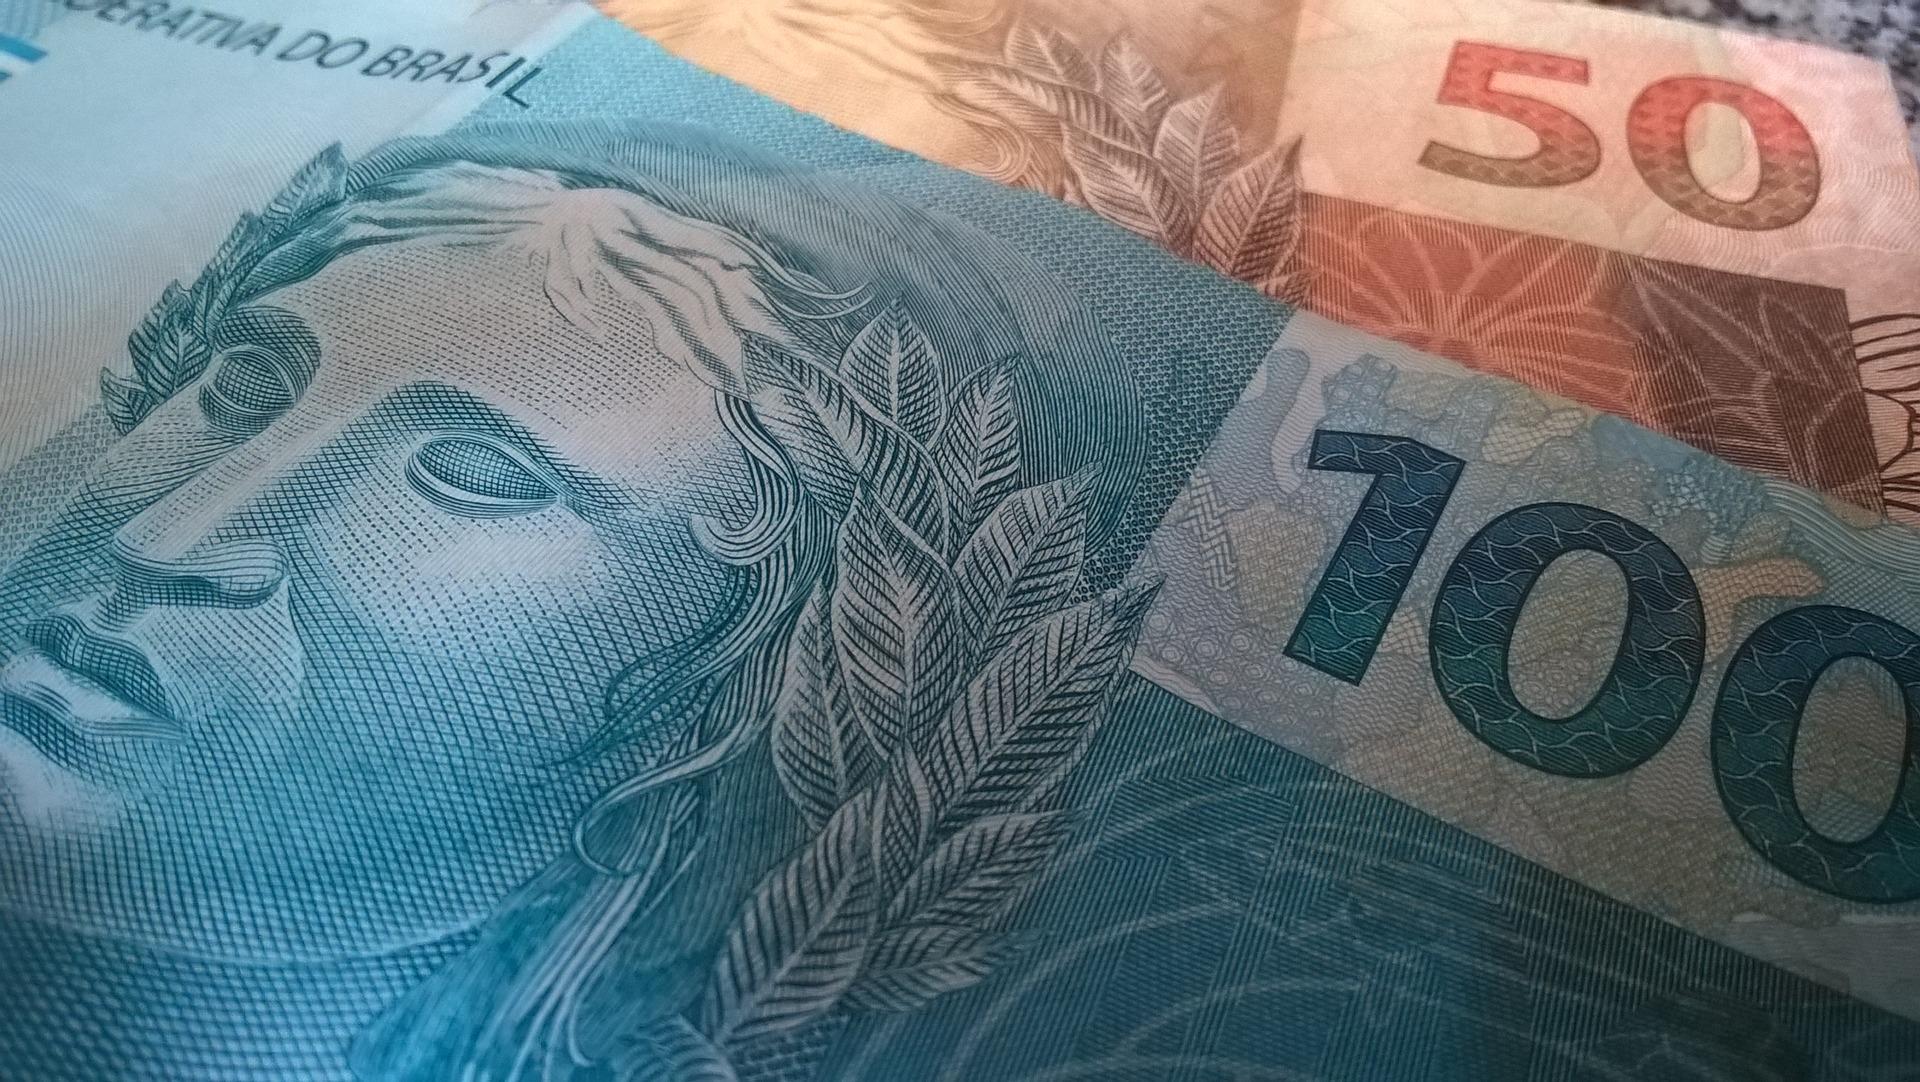 Boletim Focus reduz previsão do IPCA pela 3ª semana consecutiva